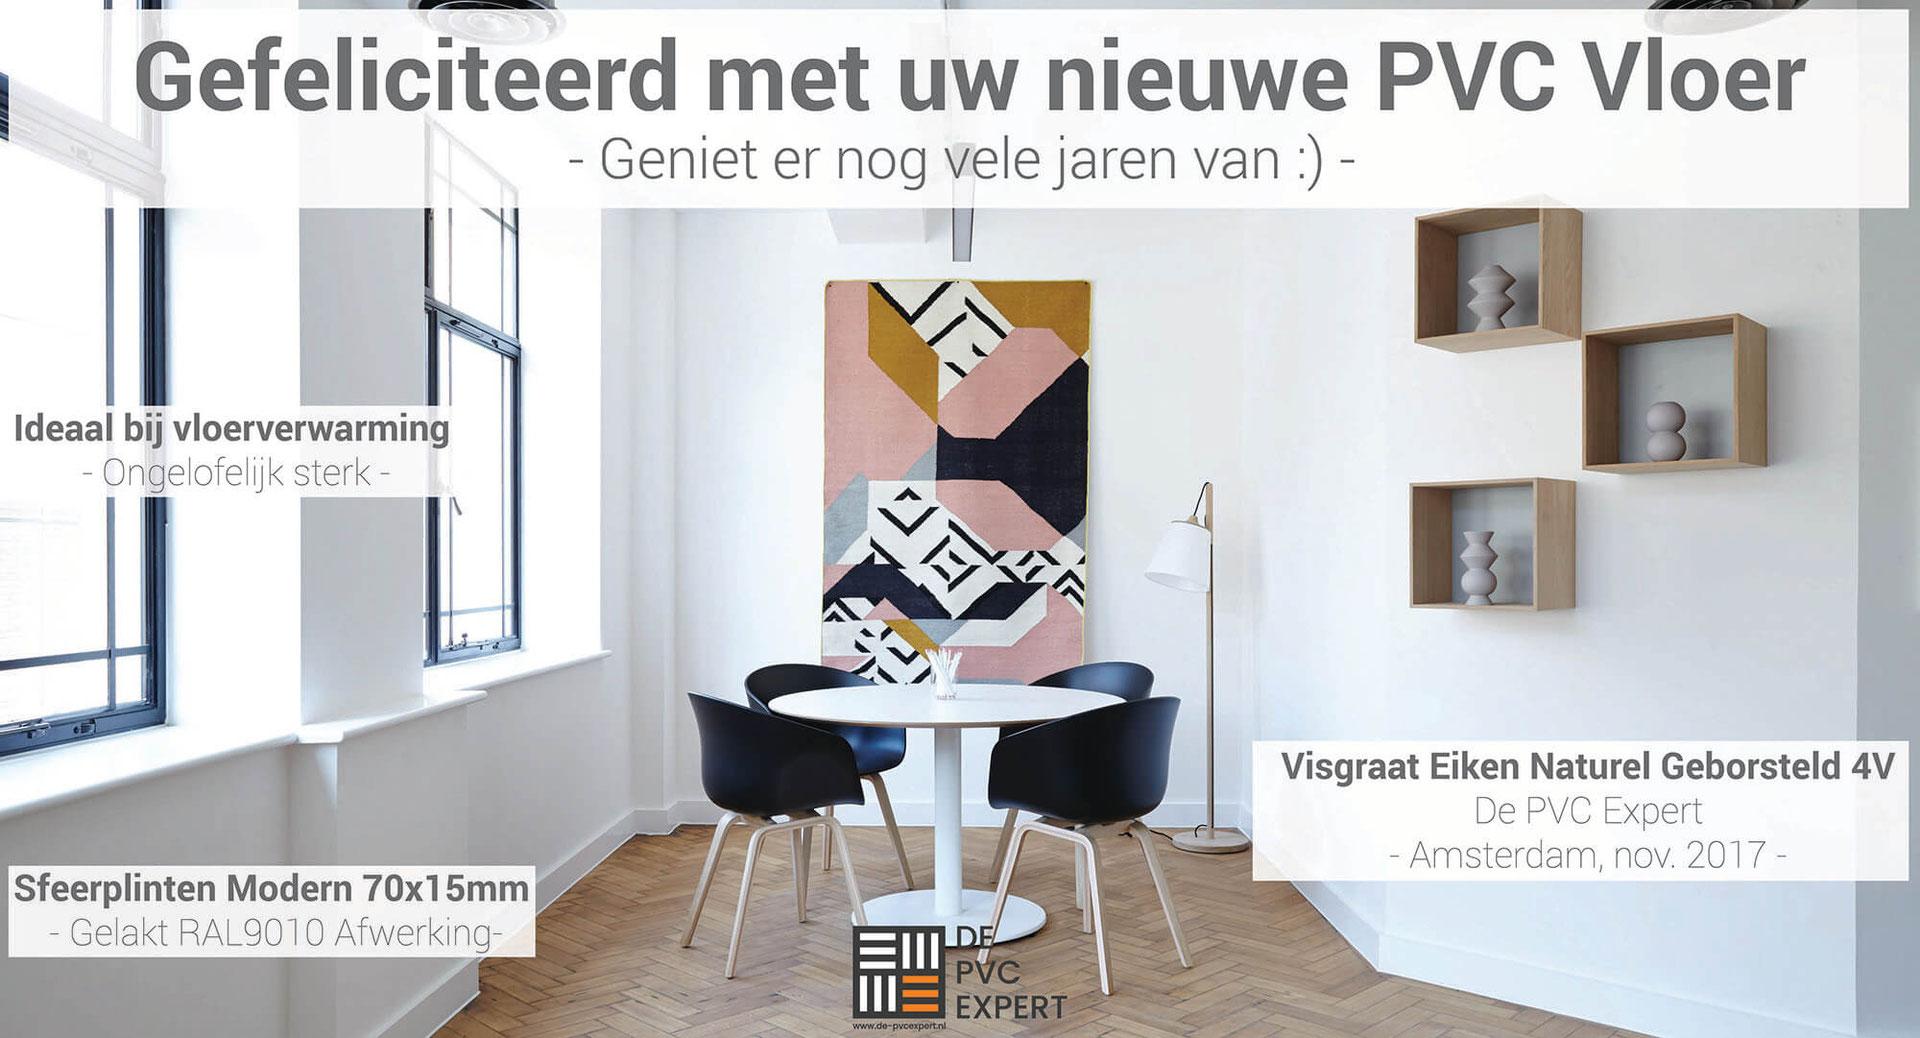 Pvc Vloeren Amsterdam : Offerte op maat de pvc expert